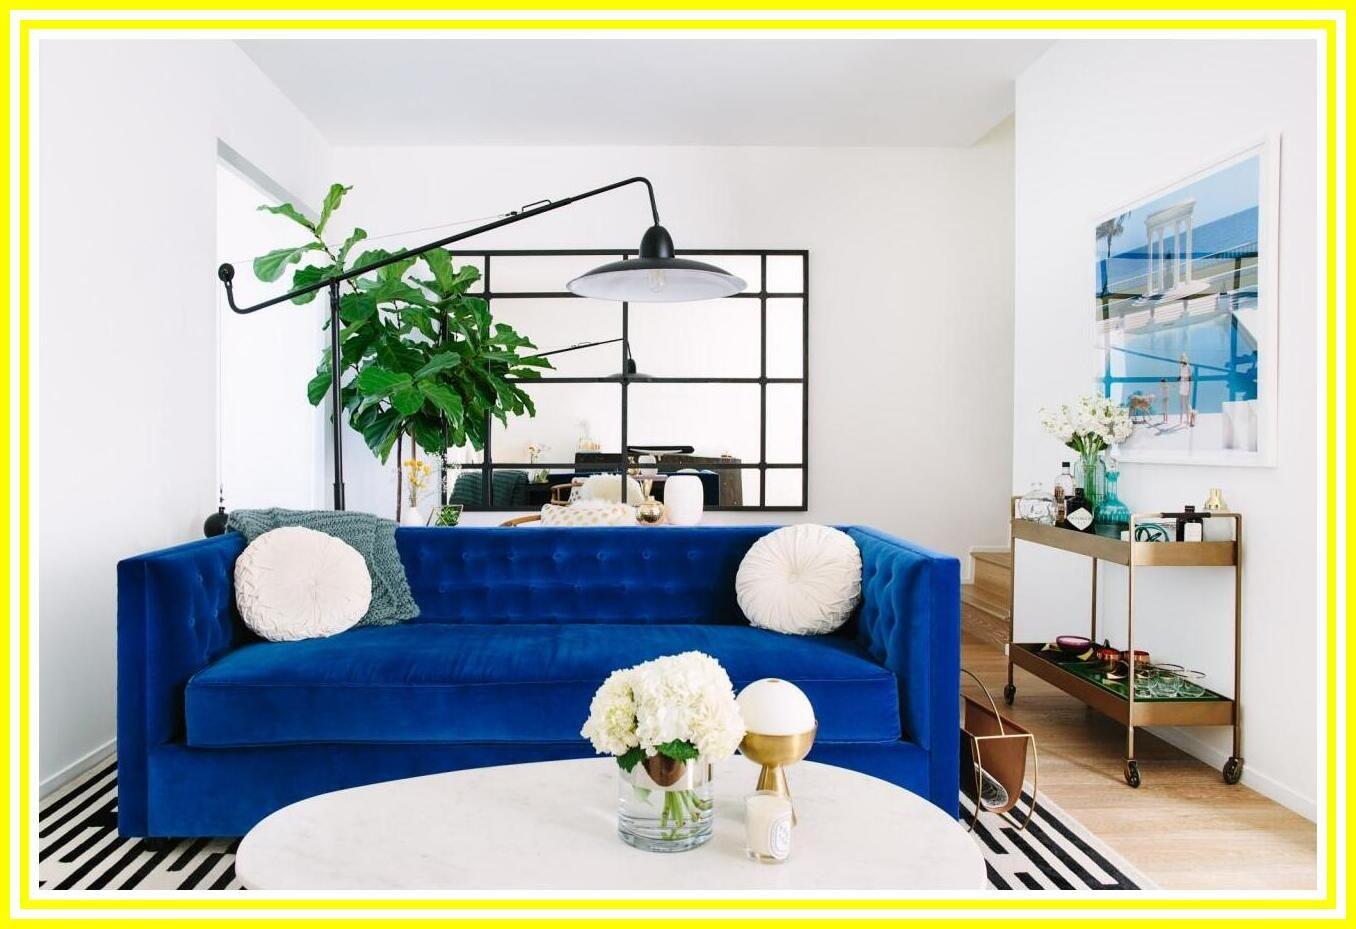 101 Reference Of Black Velvet Sofa Decorating Ideas Blue Sofas Living Room Blue Sofa Living Velvet Sofa Living Room